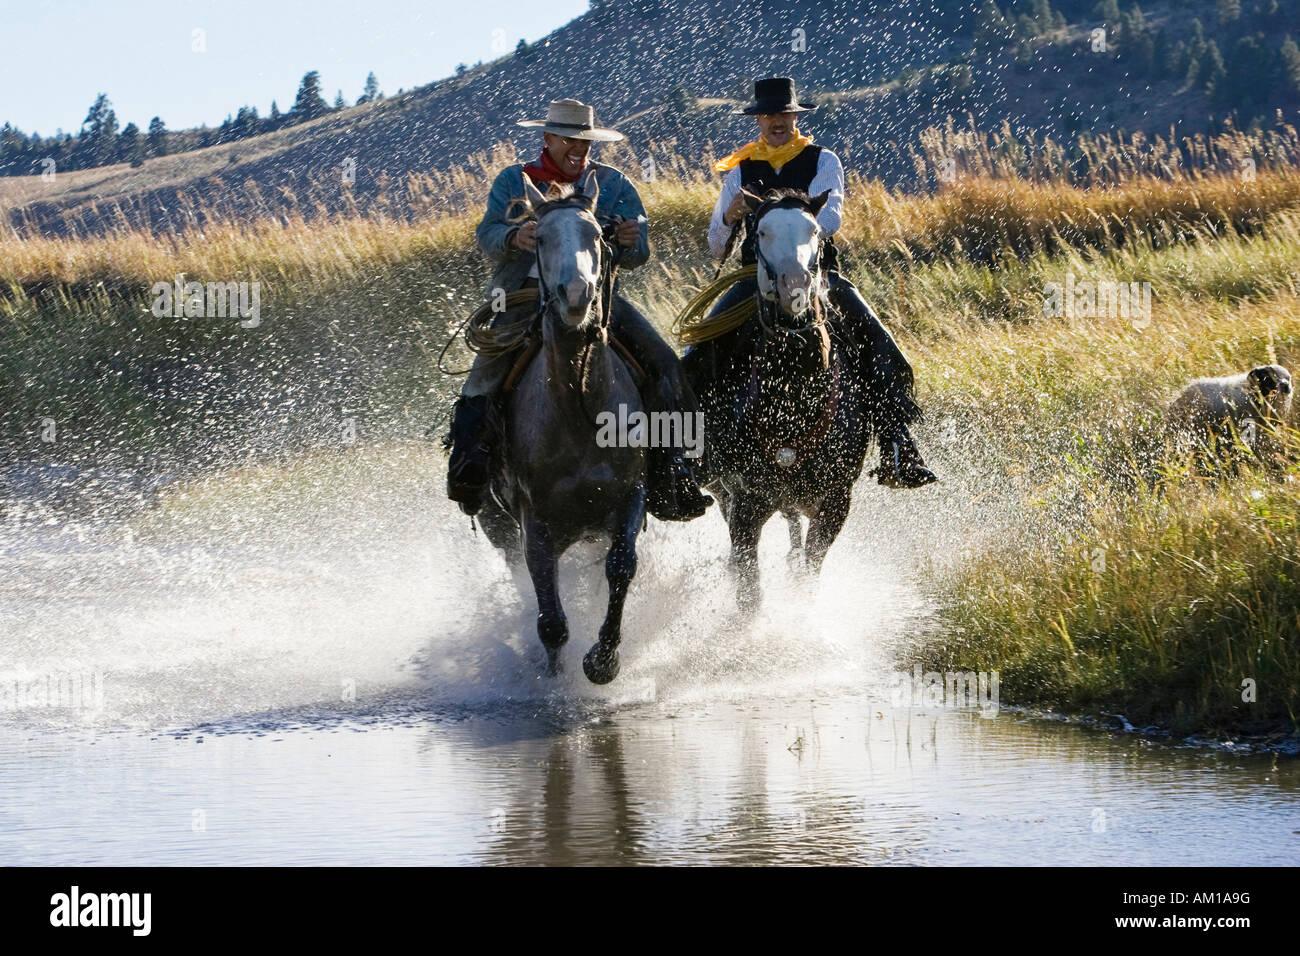 Cowboys équitation dans l'eau, wildwest, Oregon, USA Banque D'Images